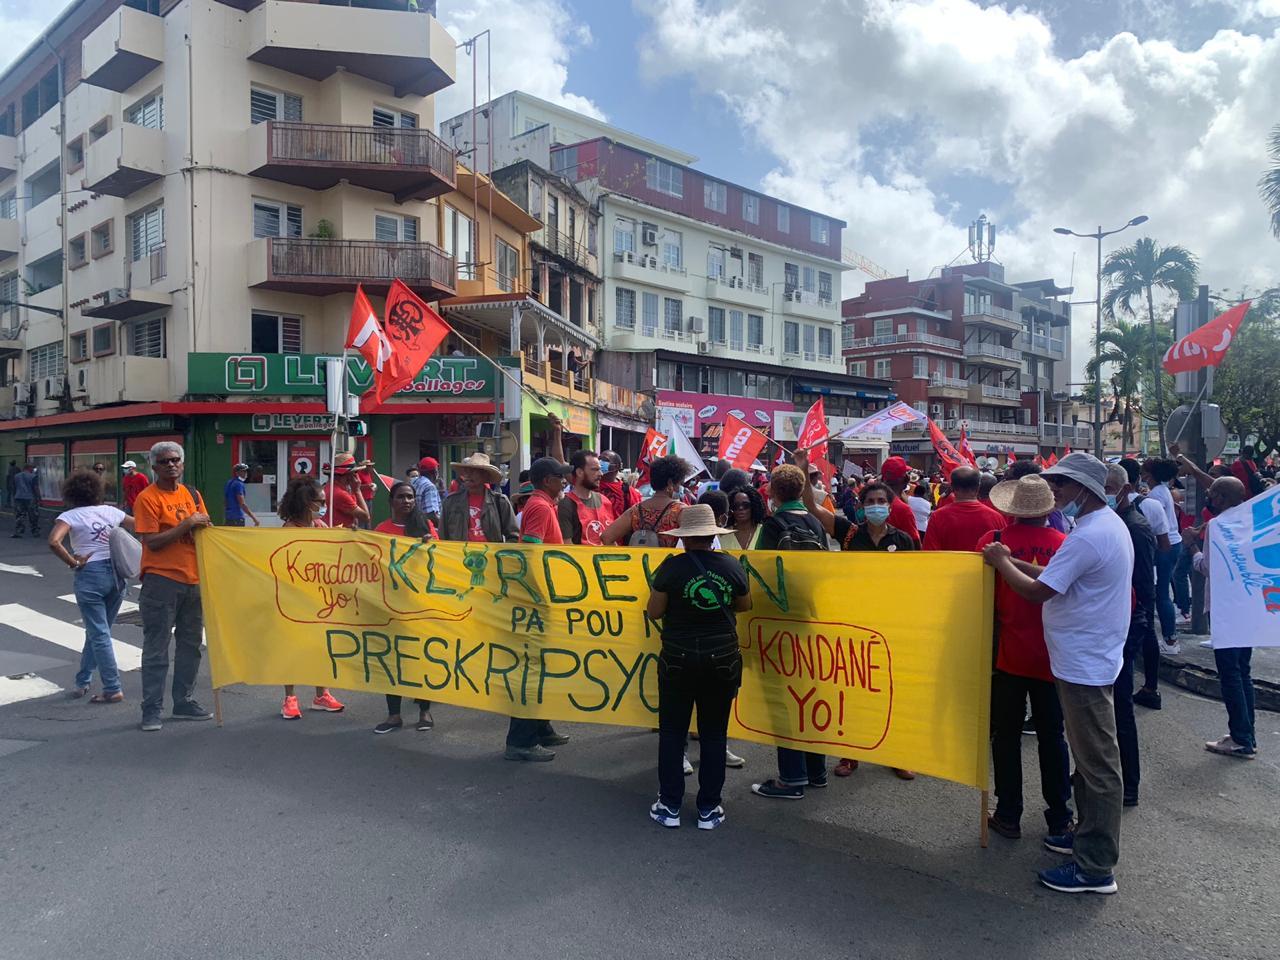 [En images] Manifestation massive à Fort-de-France pour dire non au non lieu et à la prescription dans le dossier chlordécone